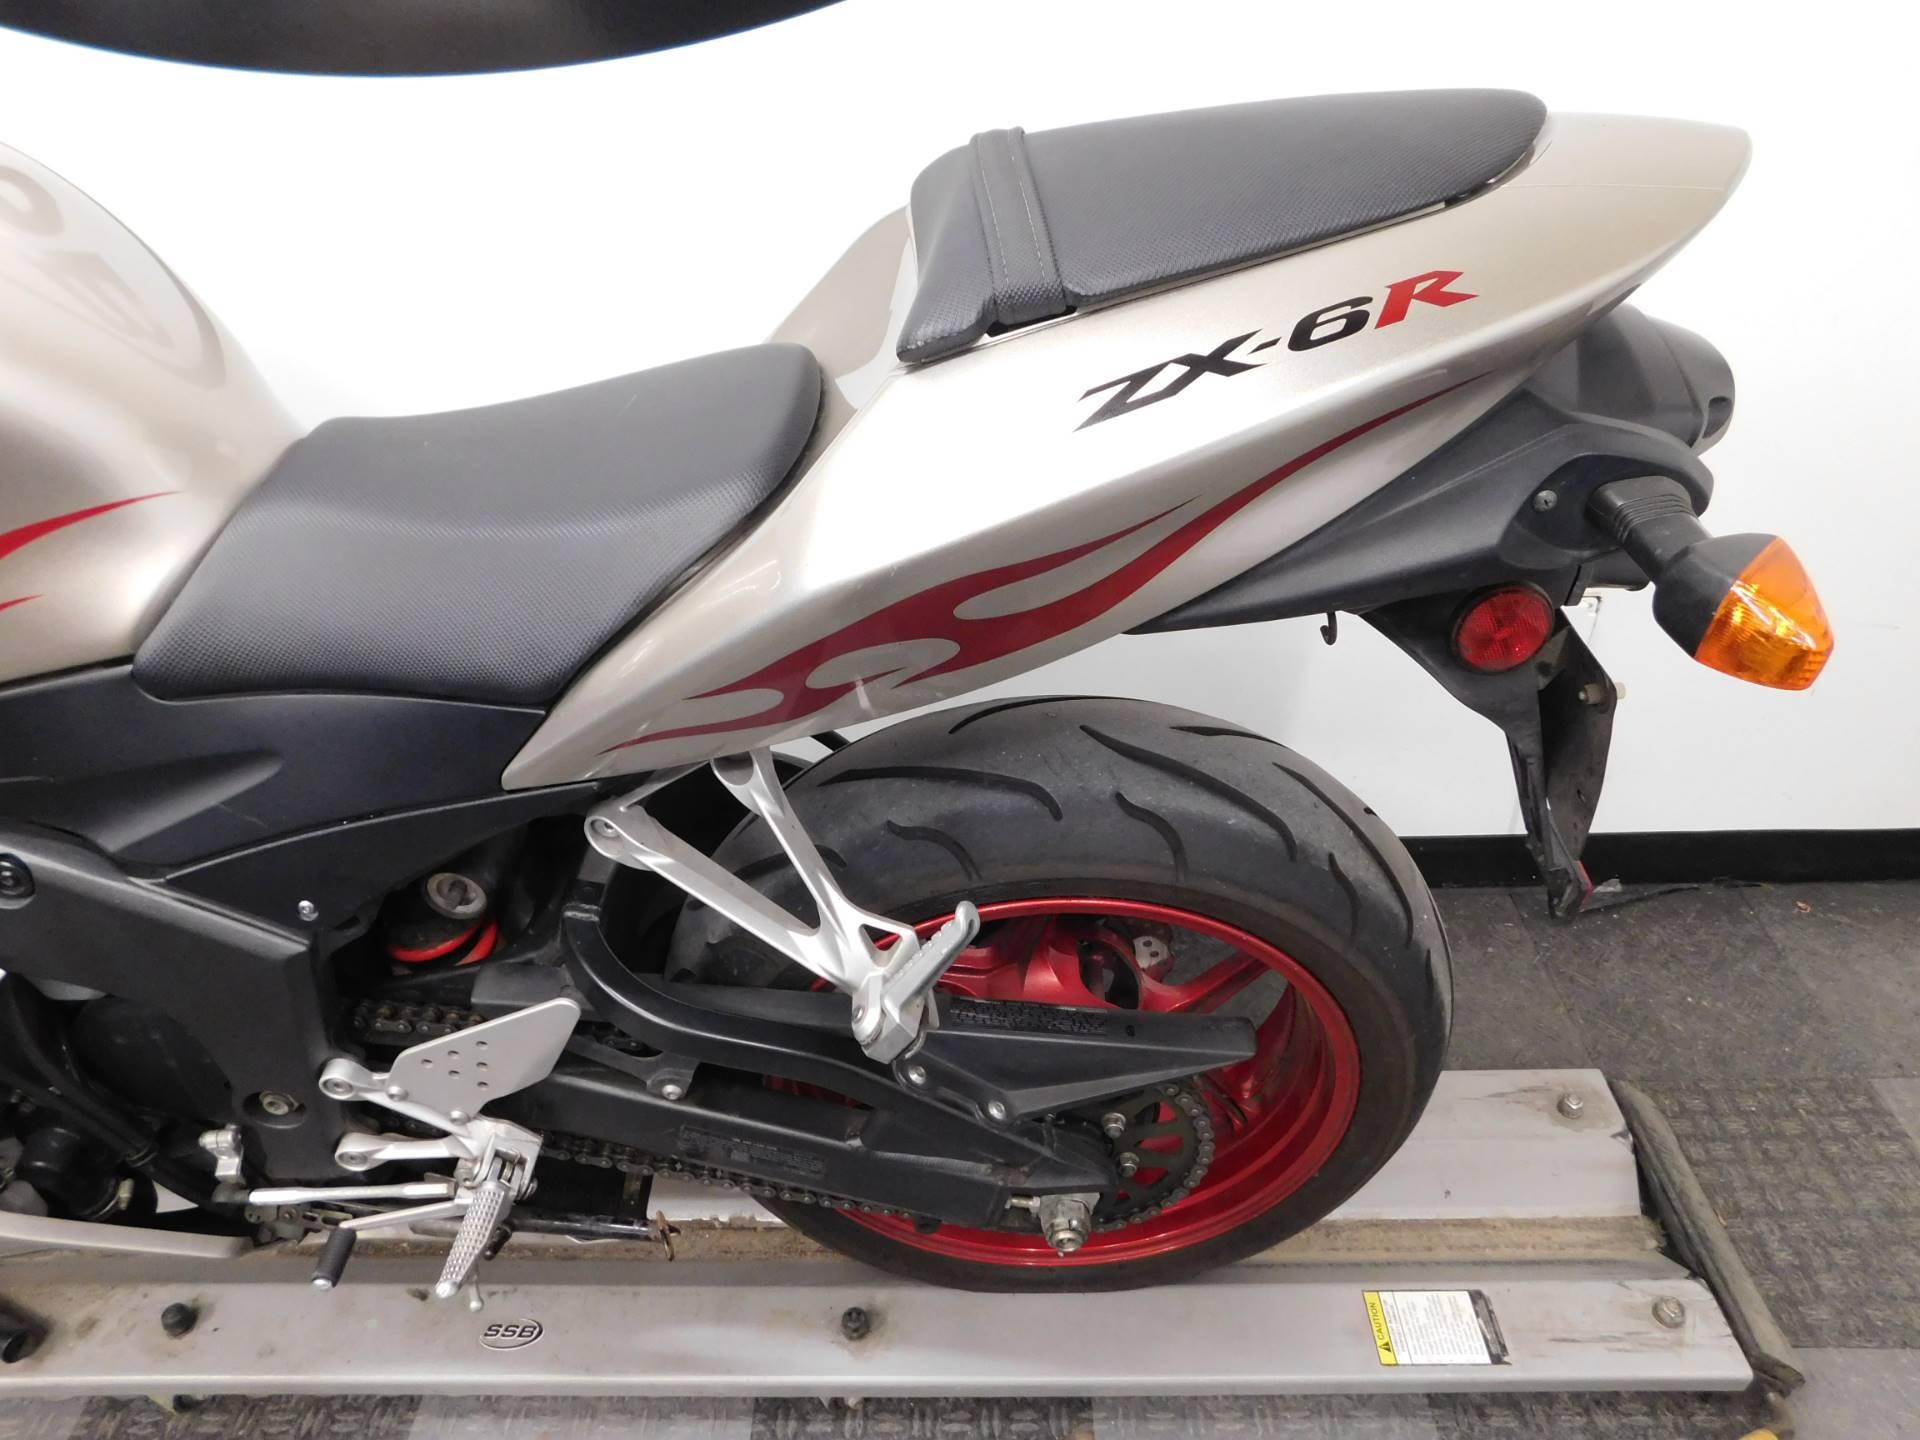 2006 Kawasaki ZX6R 11